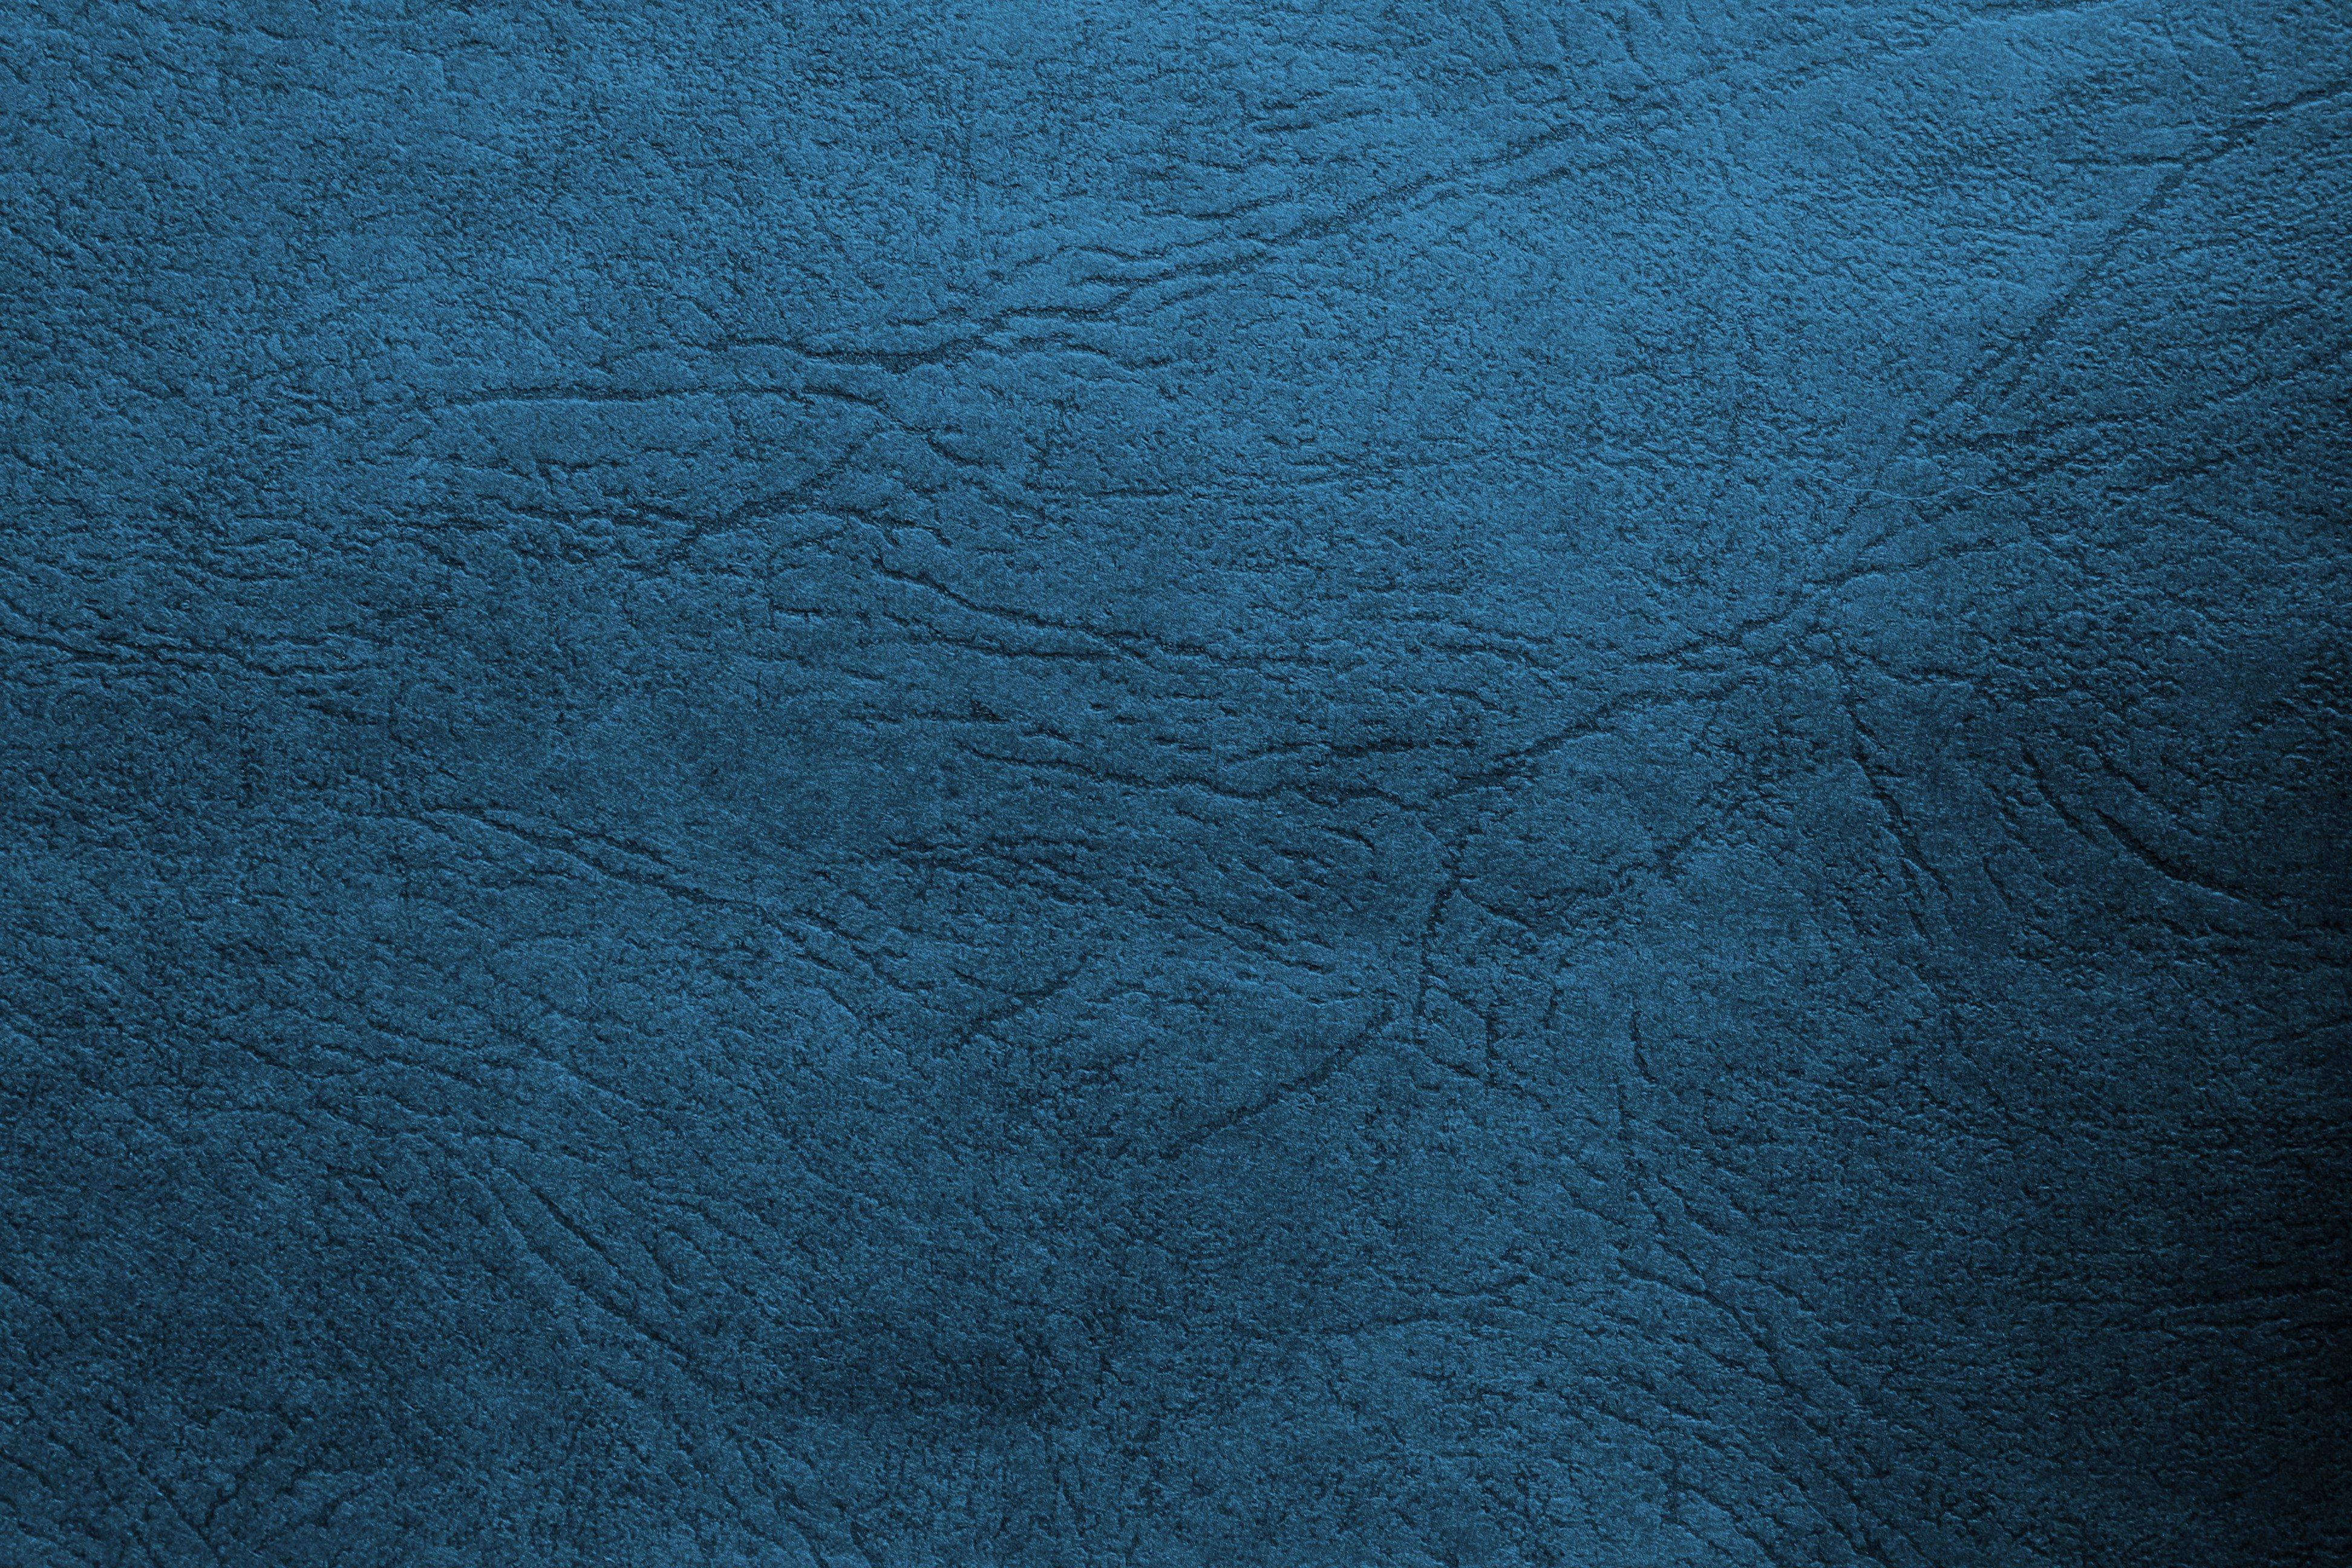 Light Blue Leather Texture Picture Graph Public Desktop Wallpaper 3888x2592